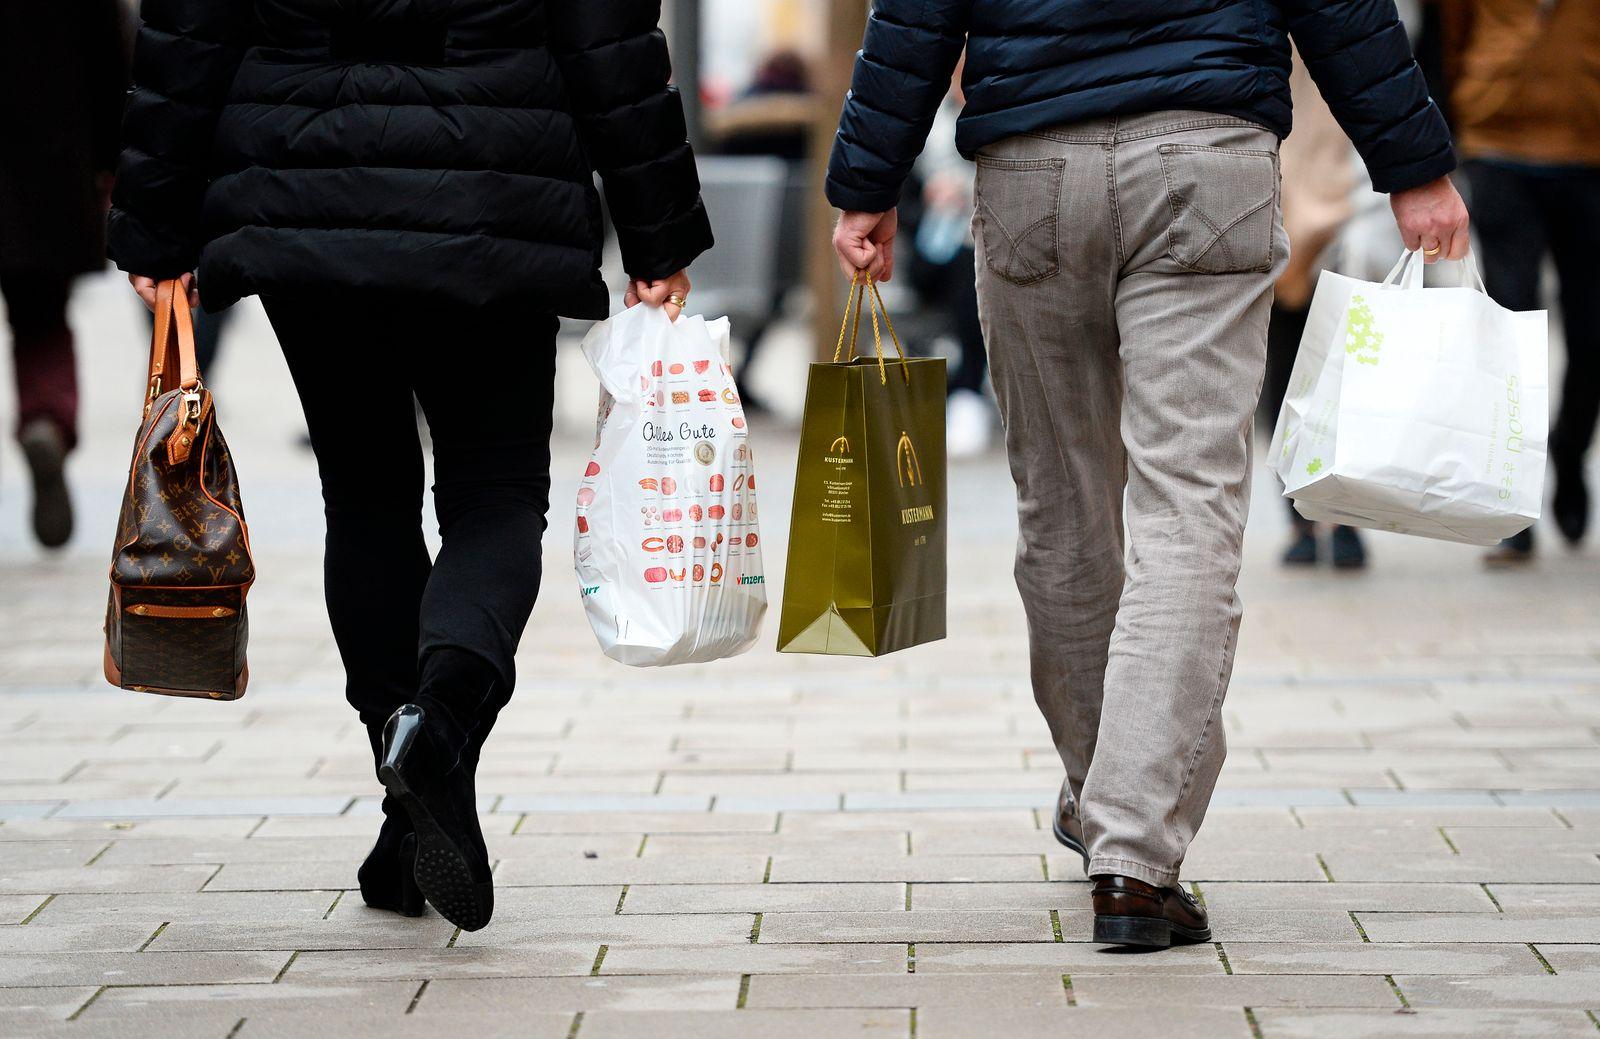 Deutschland / konjunktur / Konsum / Einkaufen / Shoppen / Kaufen